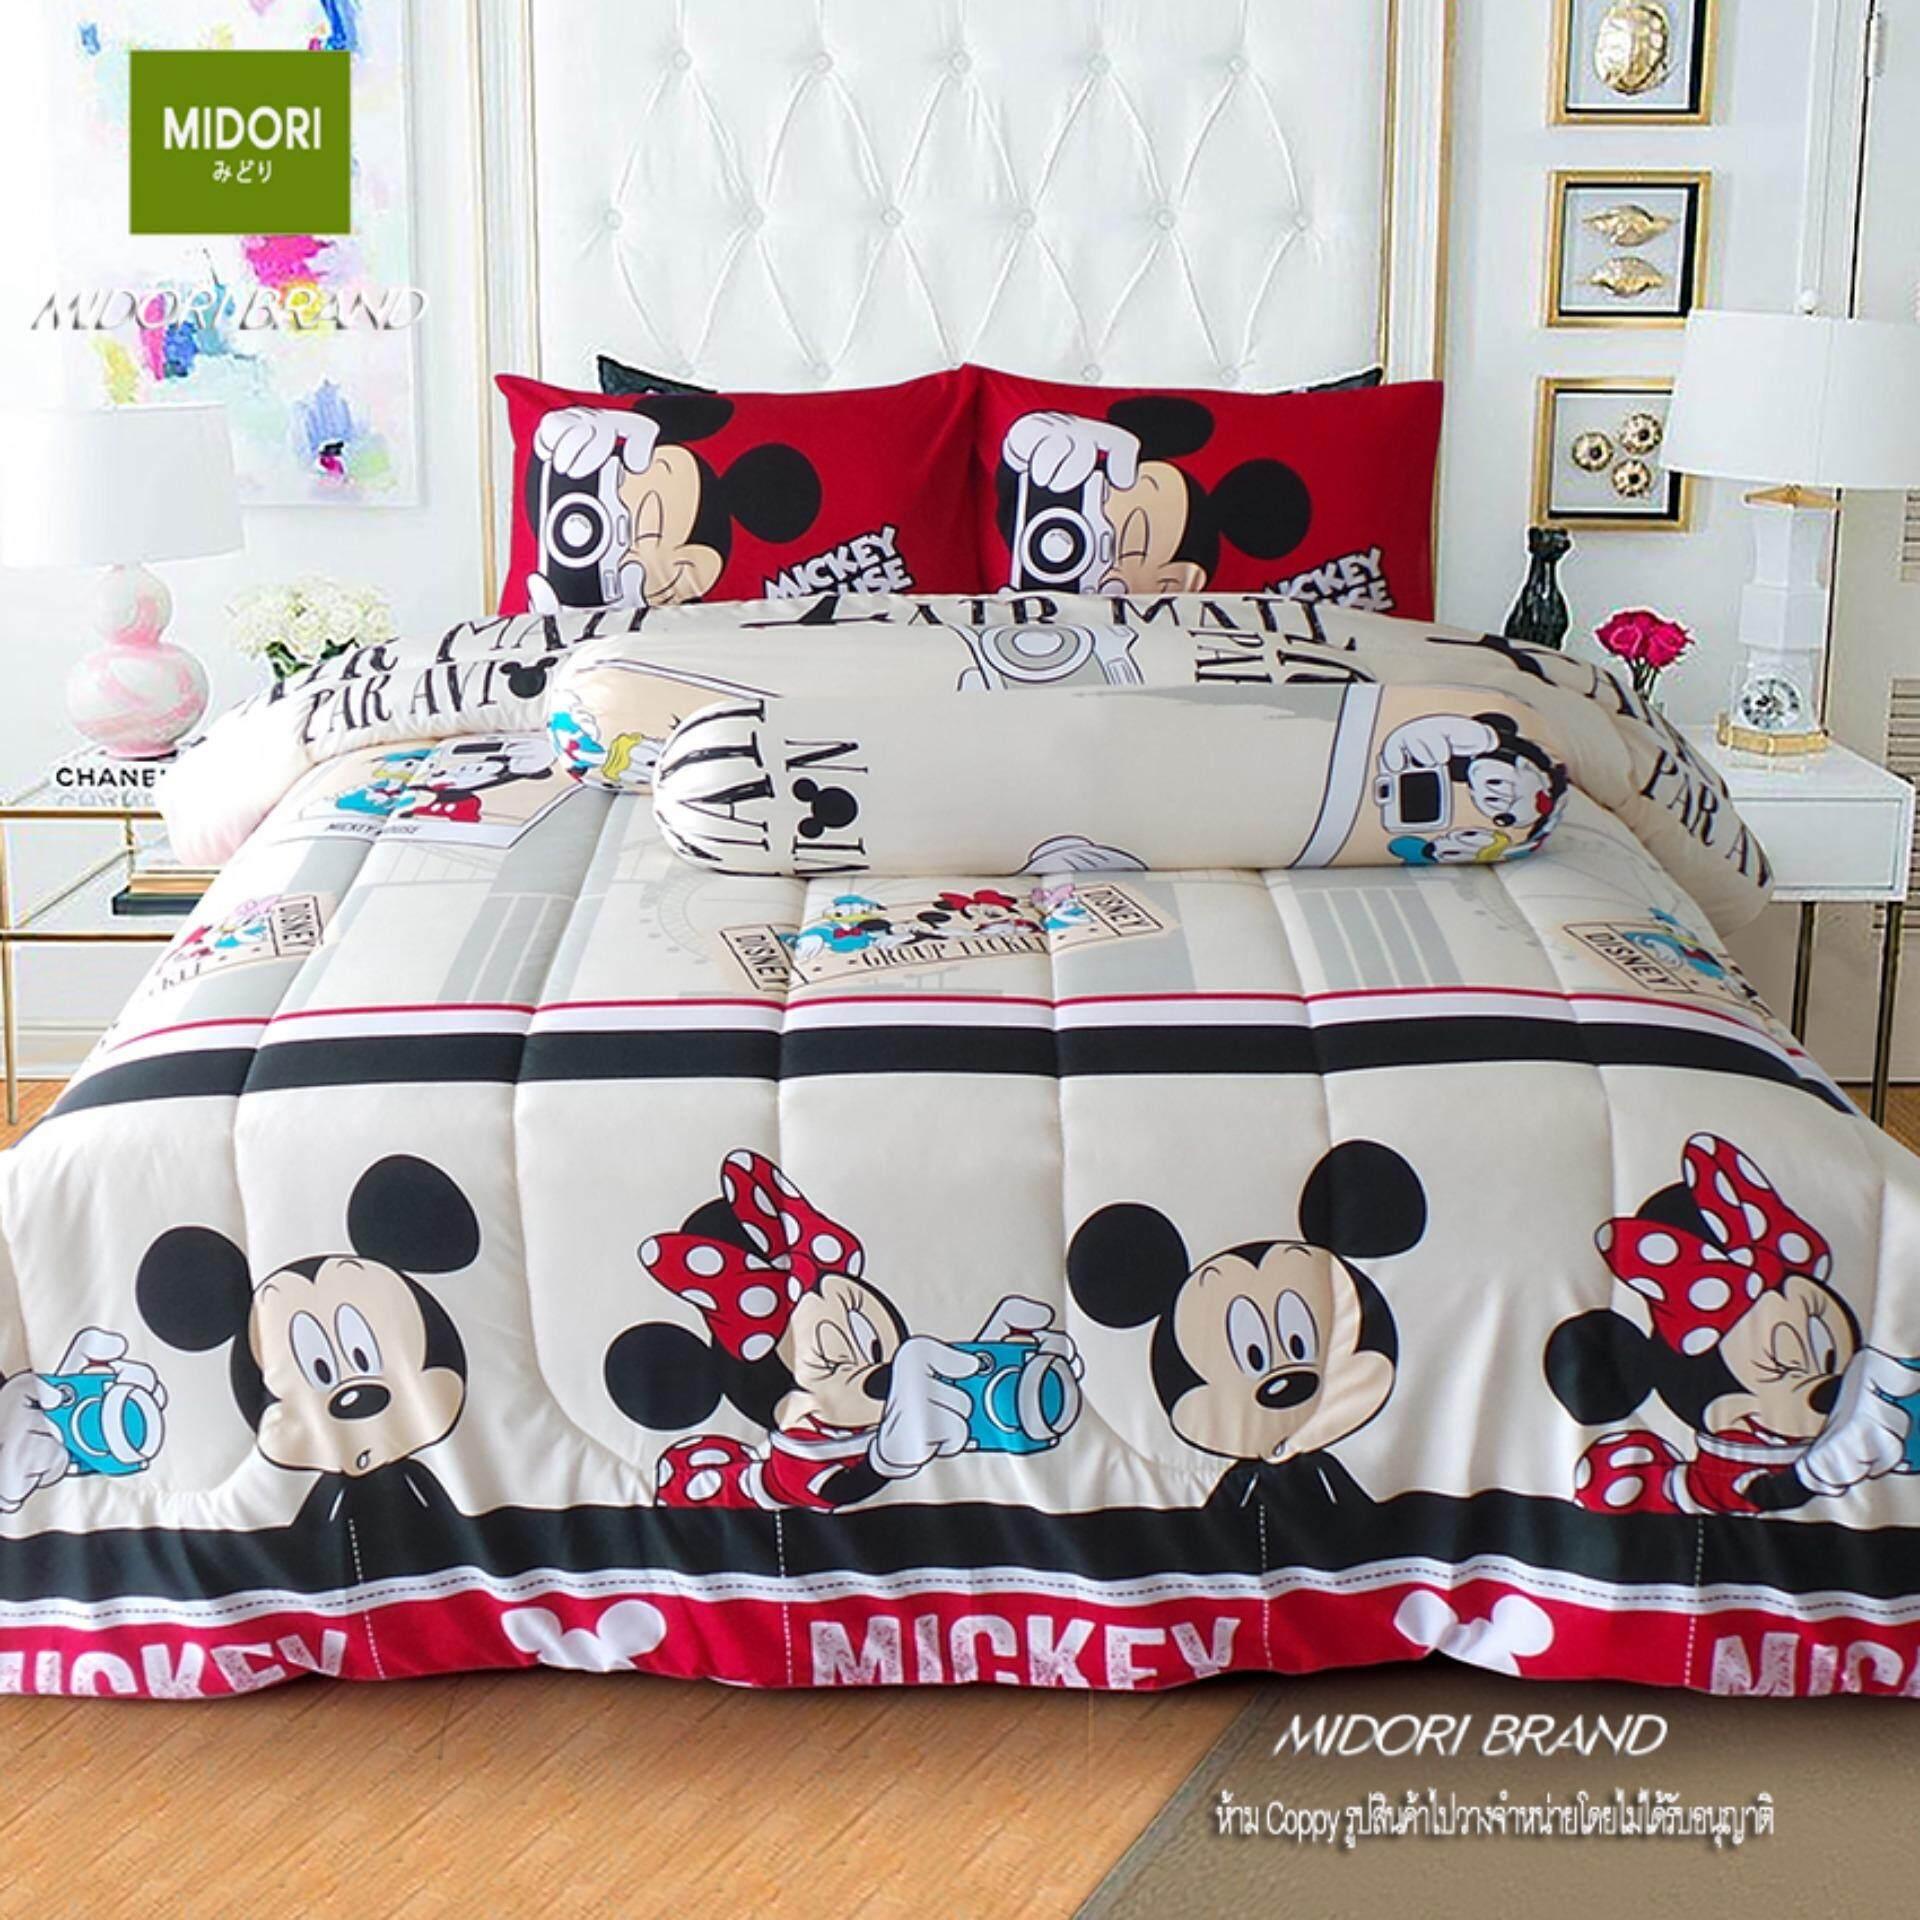 ขาย Midori ชุดเครื่องนอน Set 5 ฟุต 6 ชิ้น รุ่น Trendsetter ลาย Mickey Travel Good Bedding ราคาถูกที่สุด